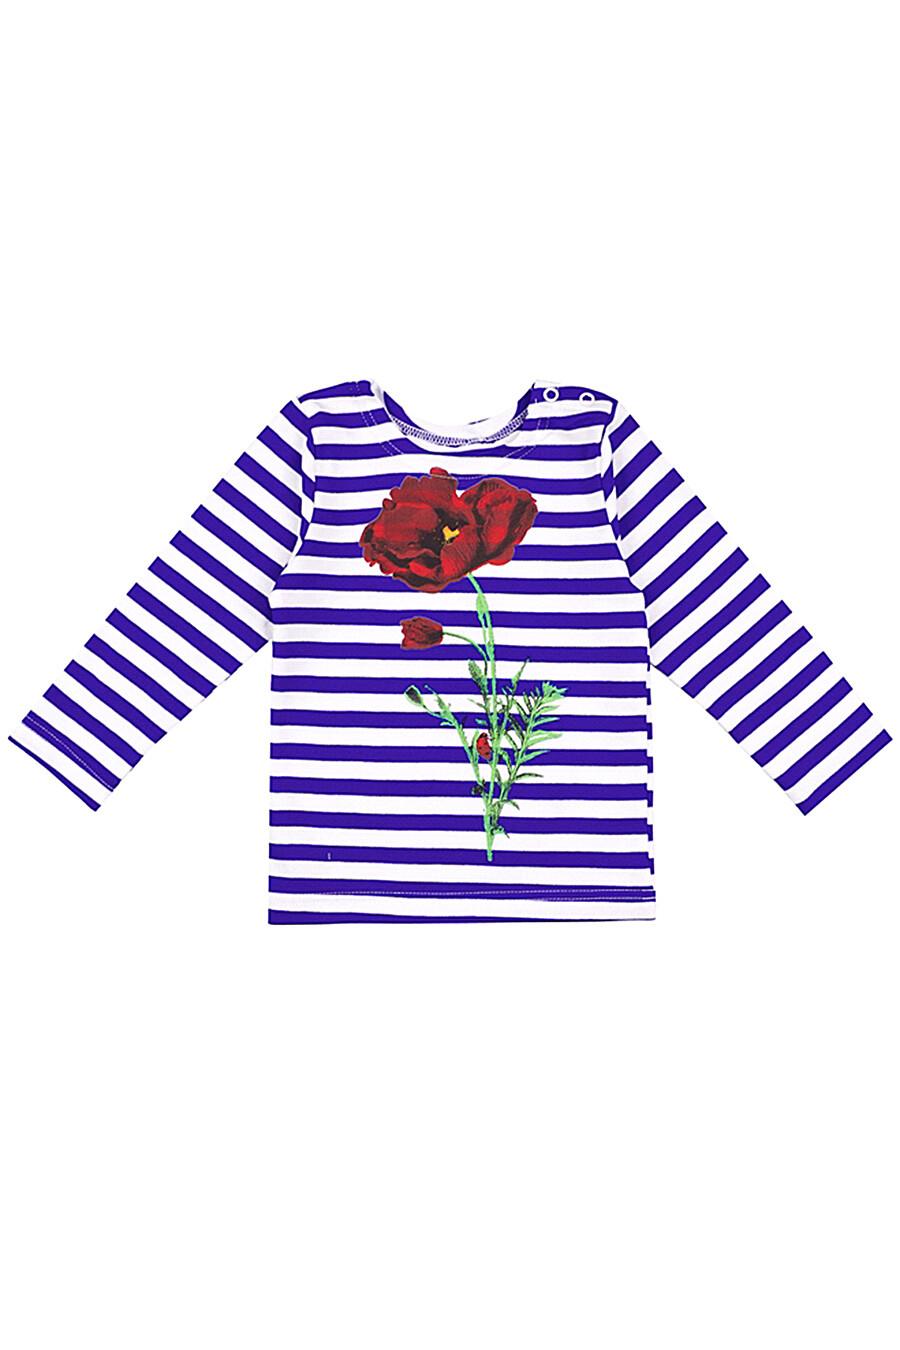 Джемпер для девочек АПРЕЛЬ 699945 купить оптом от производителя. Совместная покупка детской одежды в OptMoyo